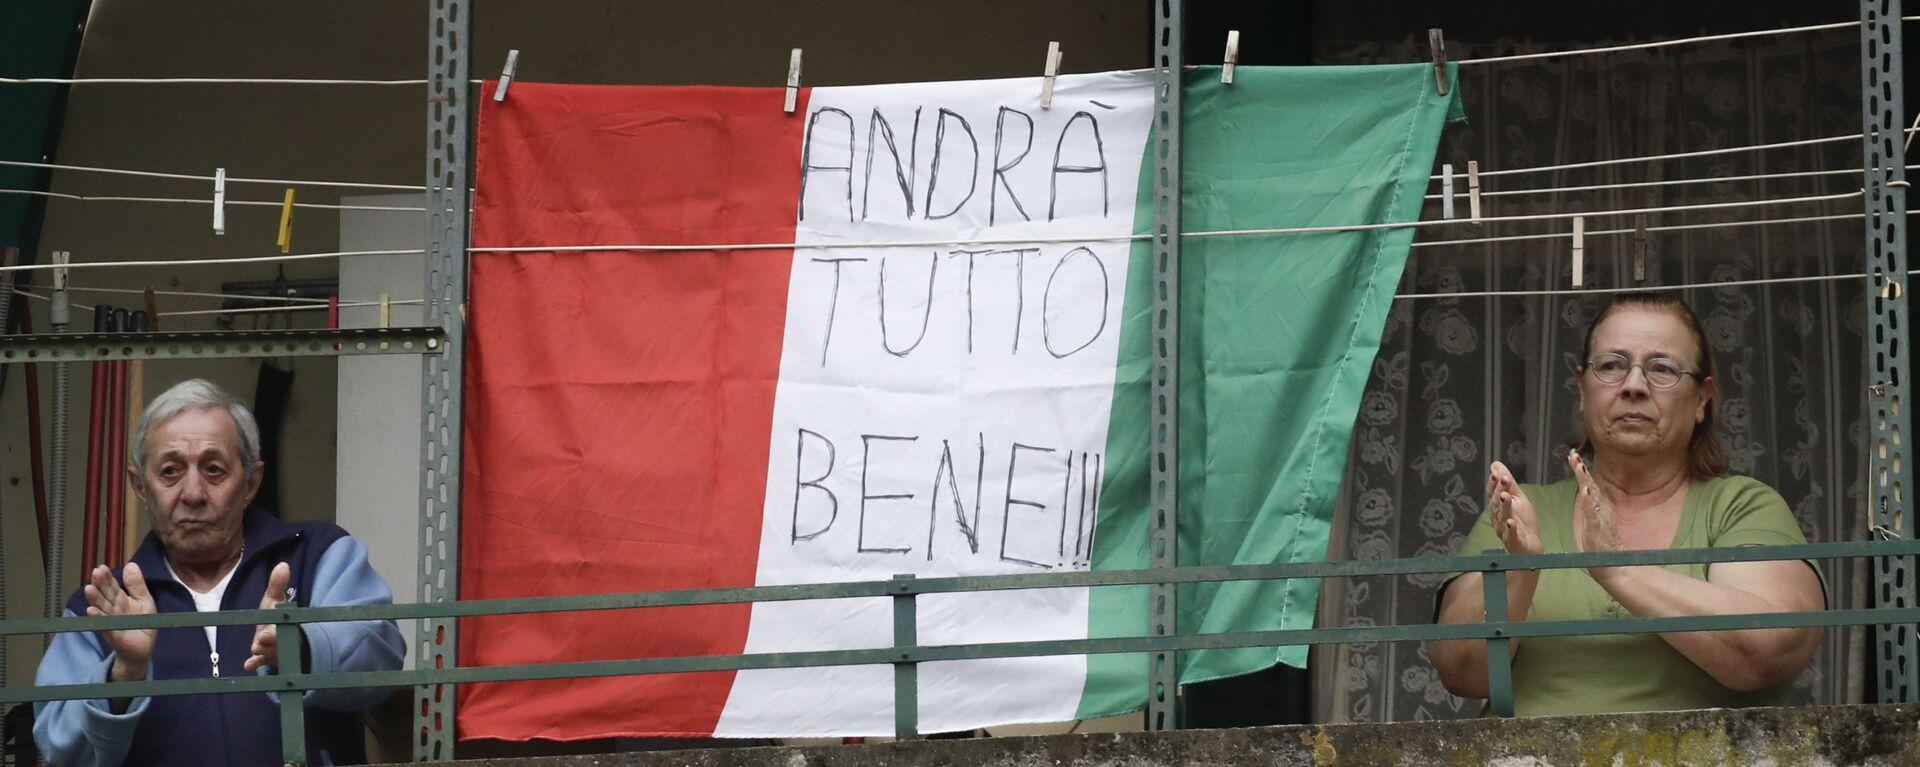 Coppia di anziani sul balcone con la bandiera dell'Italia con la scritta Andrà tutto bene a Roma - Sputnik Italia, 1920, 21.04.2021